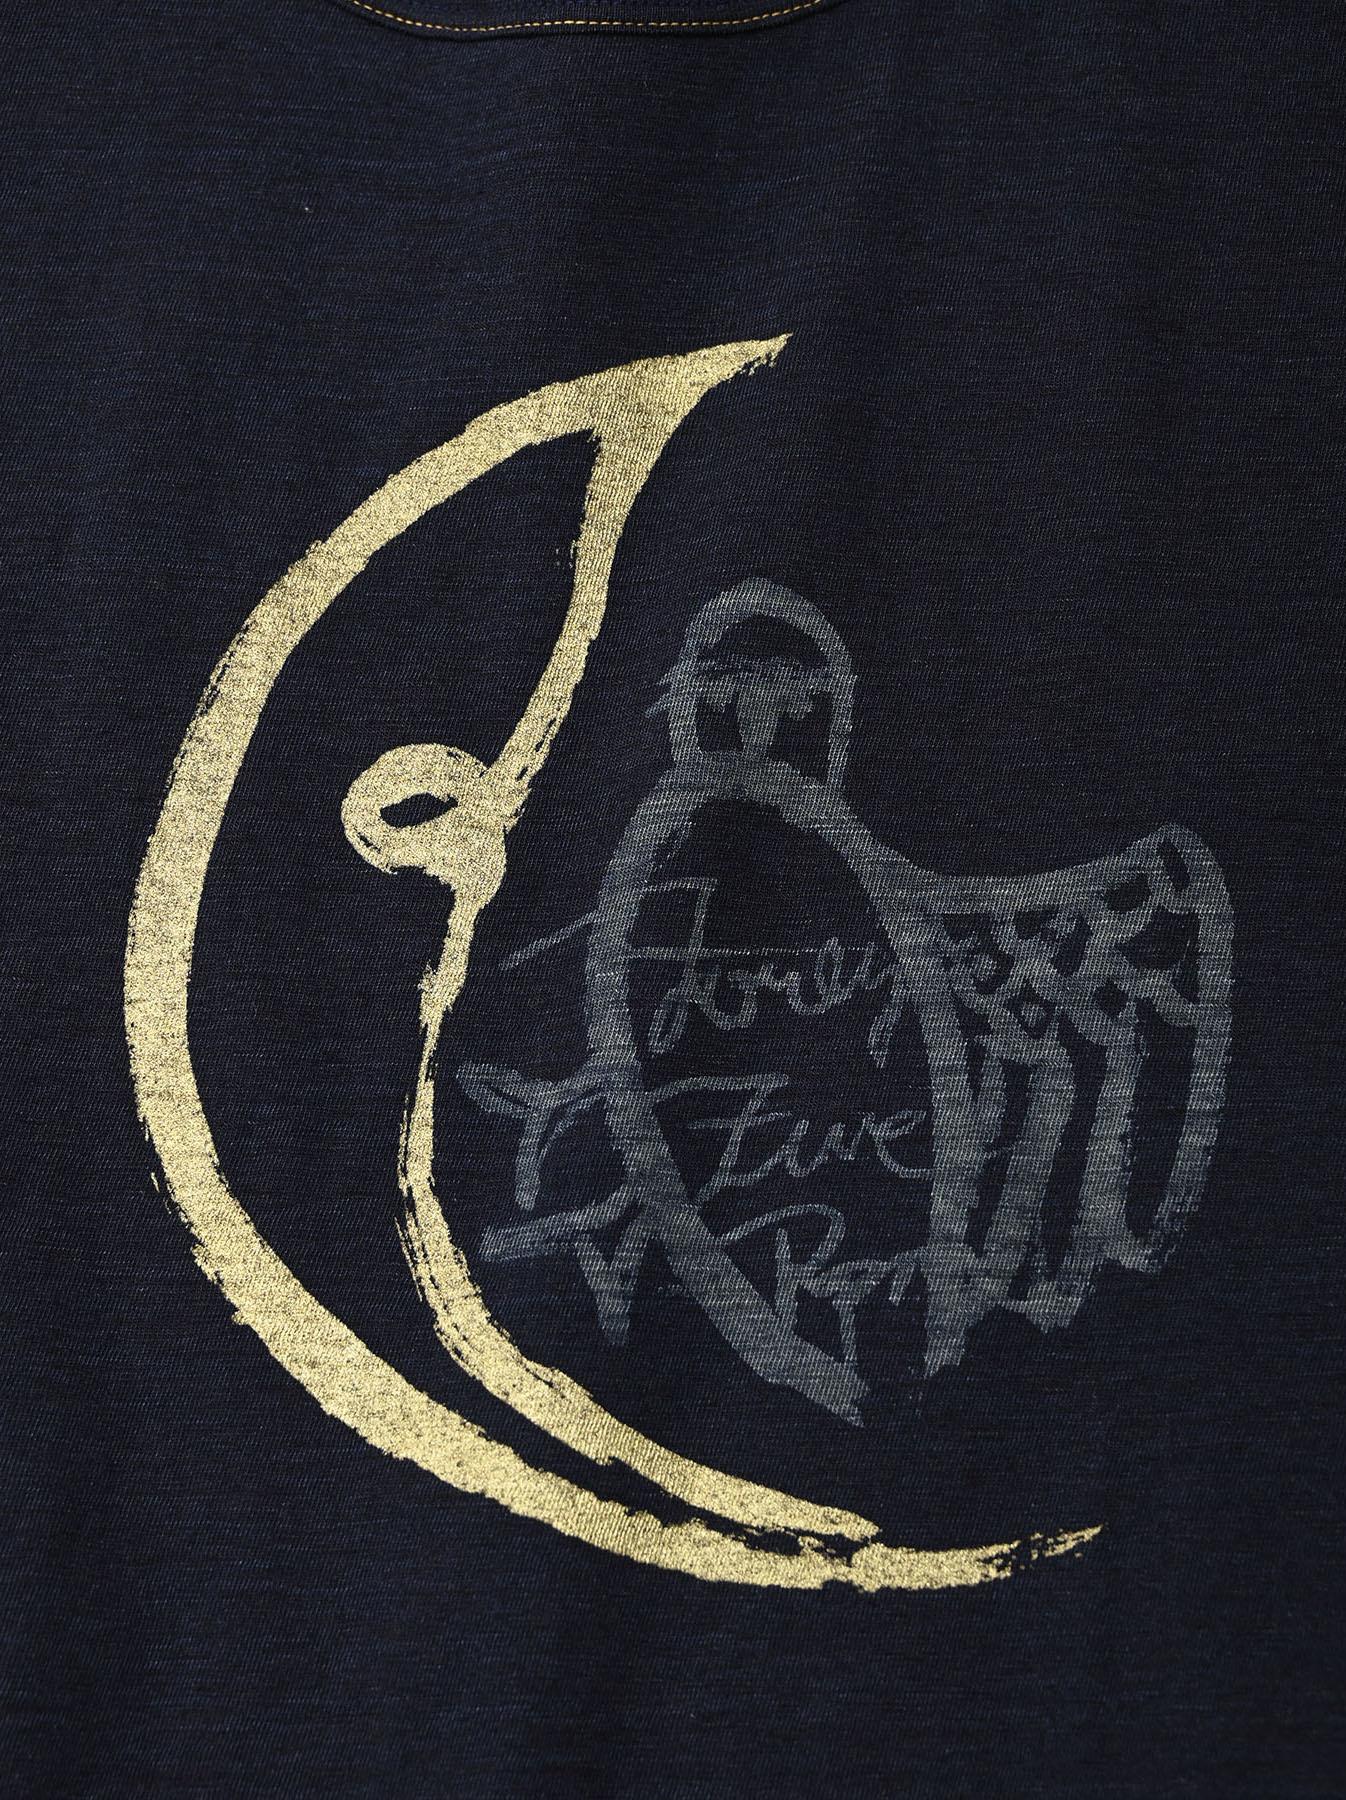 Indigo Sumite de Owl T-shirt-6